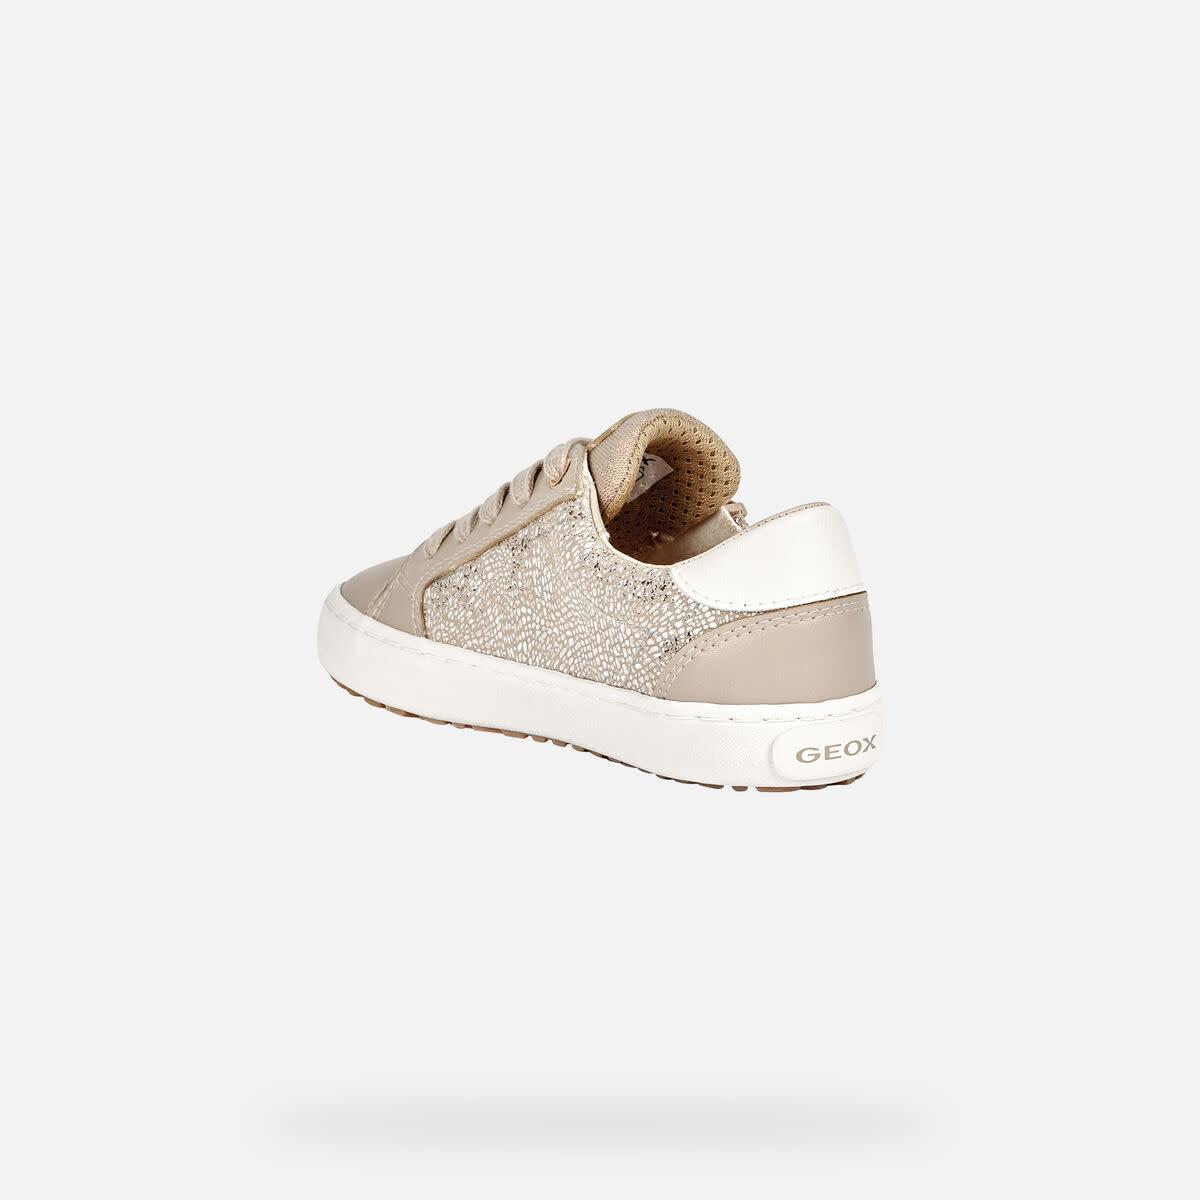 Geox Girls Janie Shoes